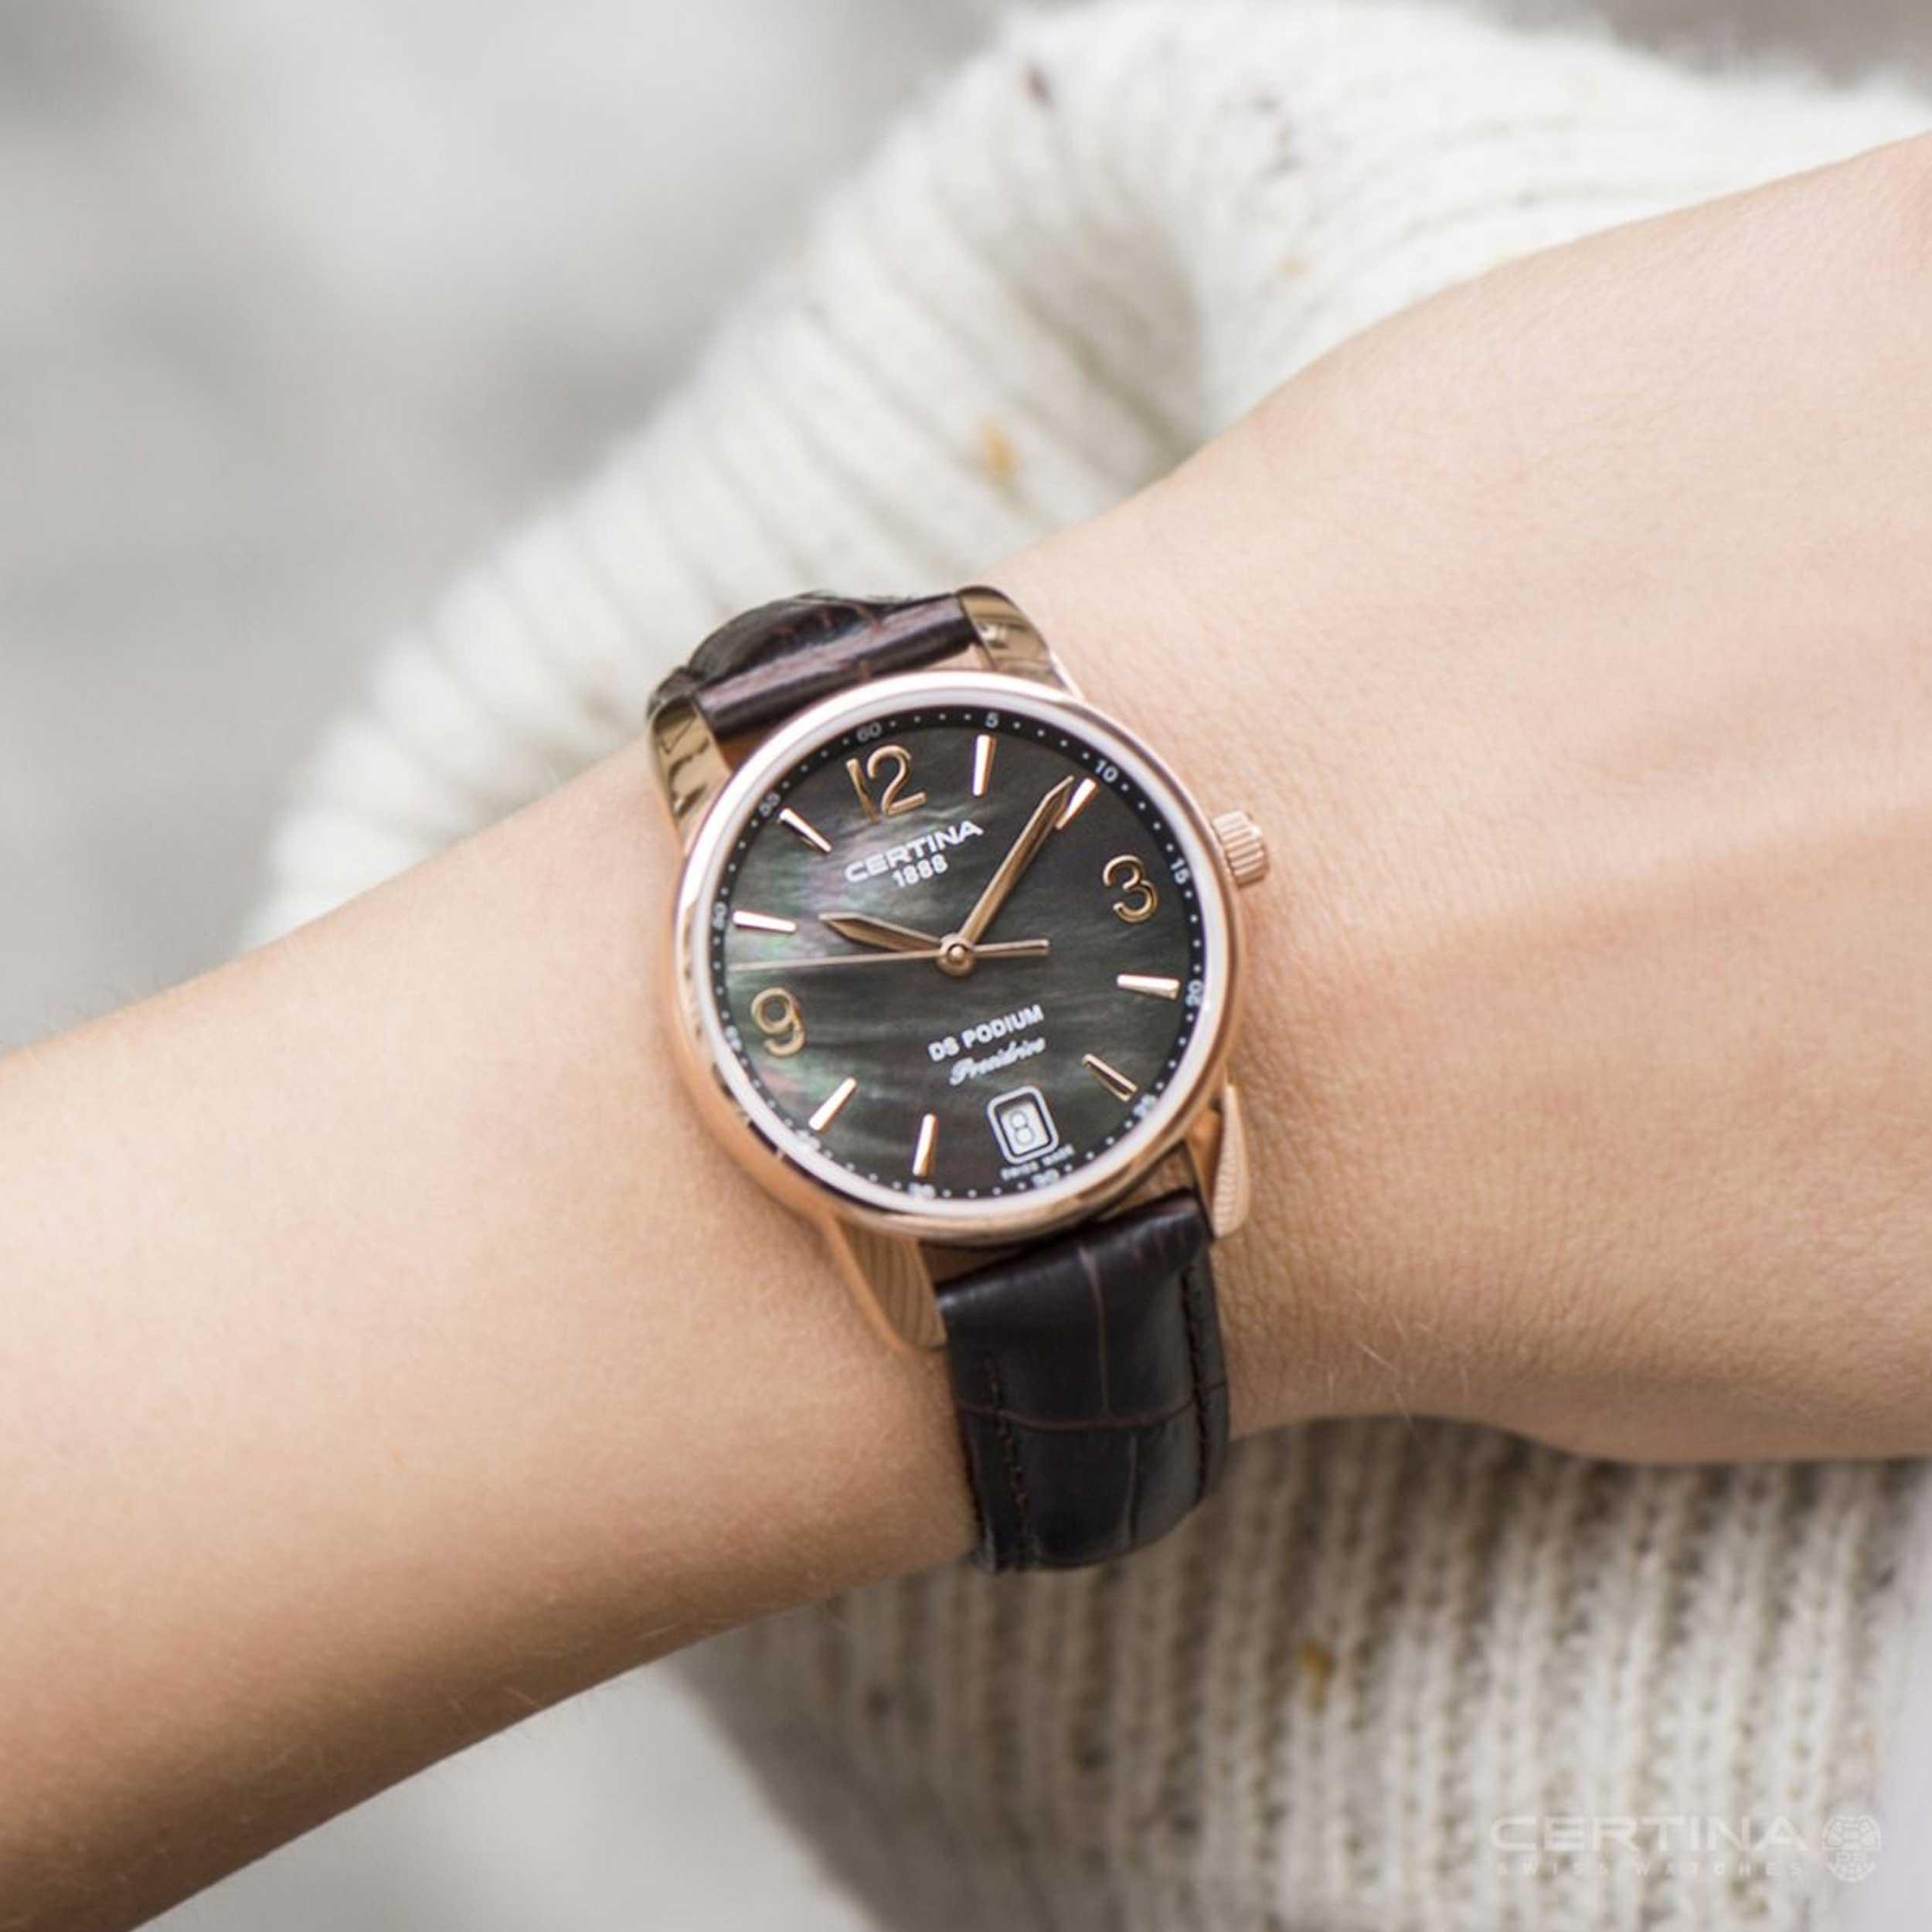 ساعت مچی عقربه ای زنانه مدل C0342103612700